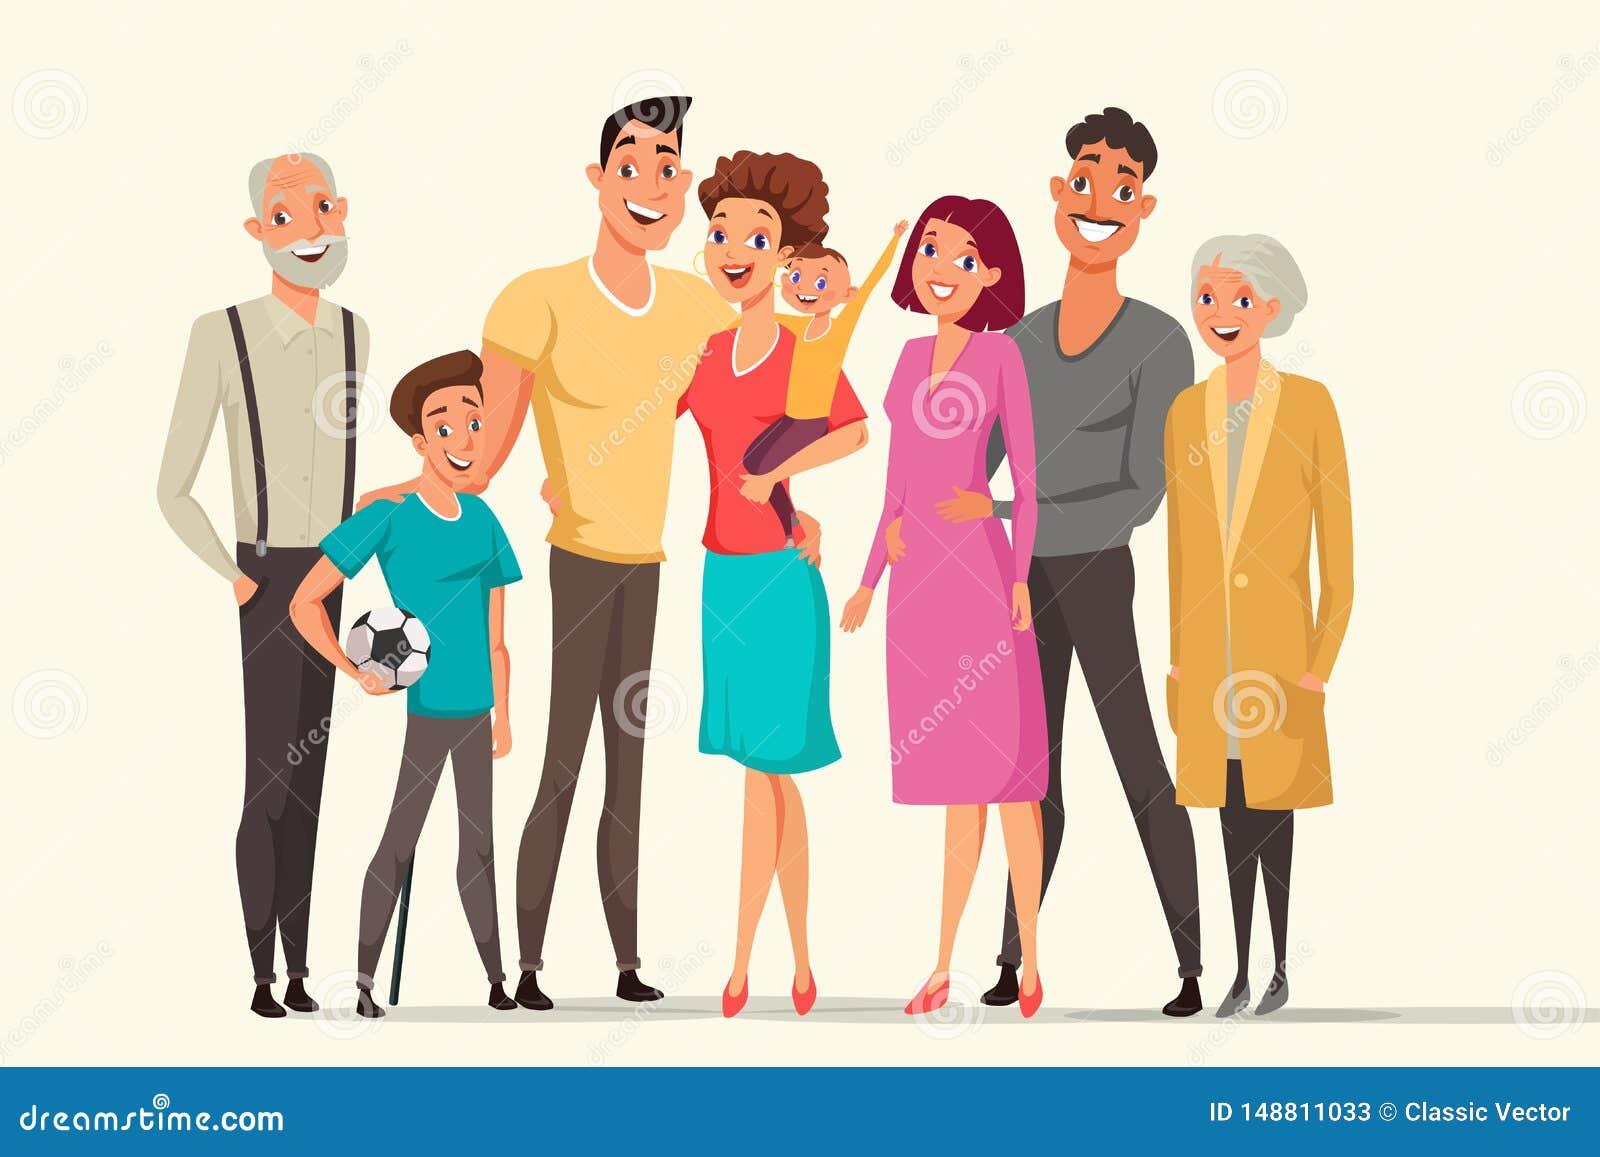 采取平的传染媒介彩色插图的大家庭